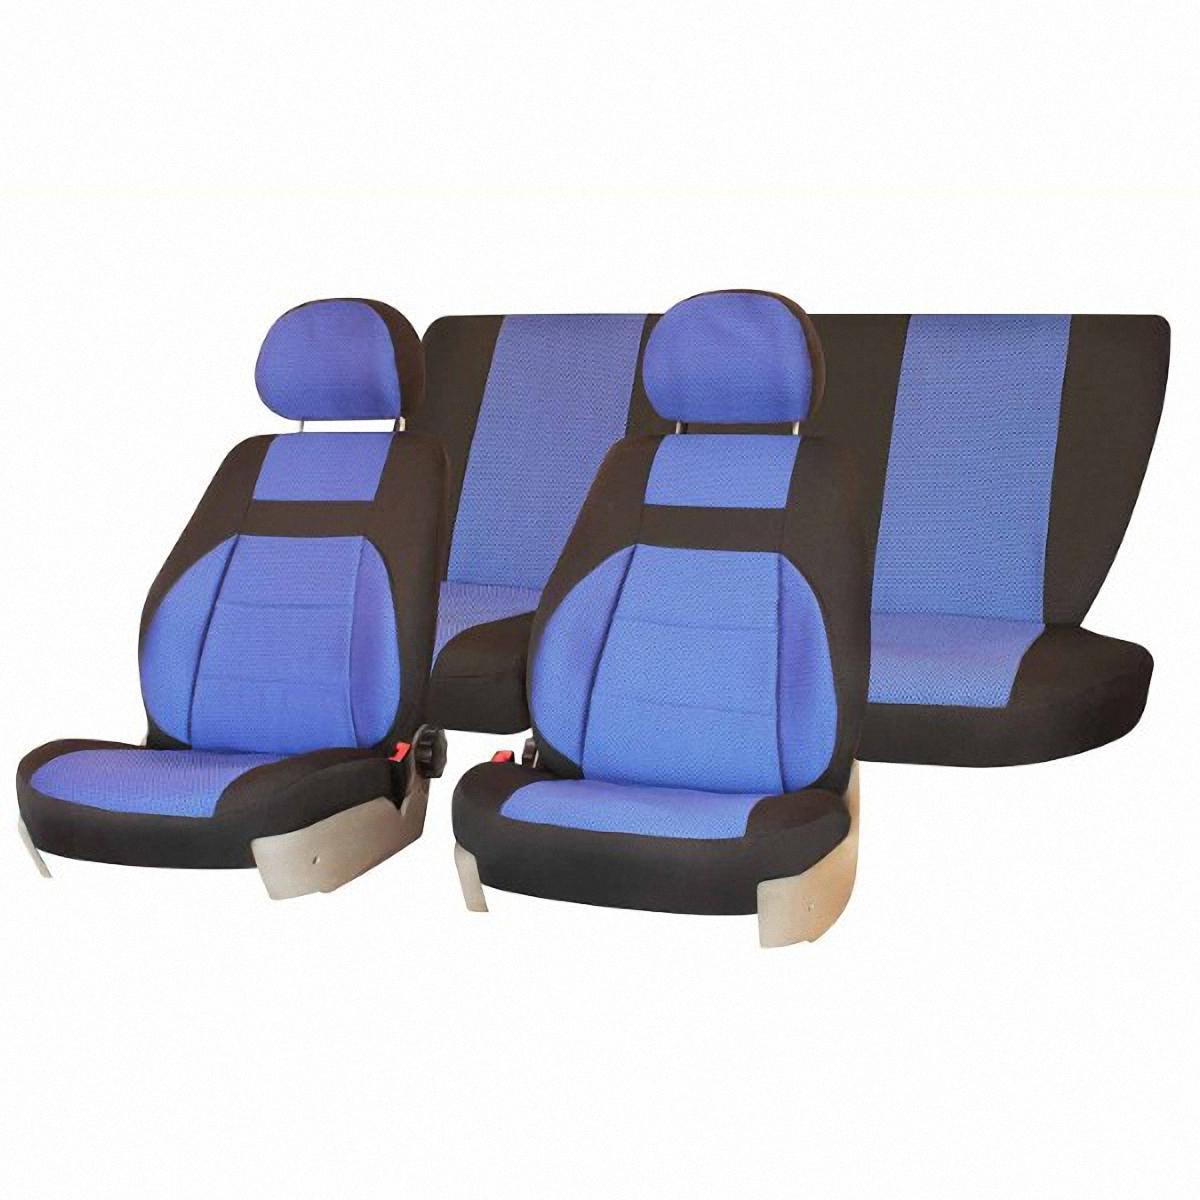 Чехлы автомобильные Skyway, для Lada Priora, седан, цвет: синий, черныйВетерок 2ГФАвтомобильные чехлы Skyway изготовлены из качественного жаккарда. Чехлы идеально повторяют штатную форму сидений и выглядят как оригинальная обивка сидений. Разработаны индивидуально для каждой модели автомобиля. Авточехлы Skyway просты в уходе - загрязнения легко удаляются влажной тканью. Чехлы имеют раздельную схему надевания. В комплекте 12 предметов.